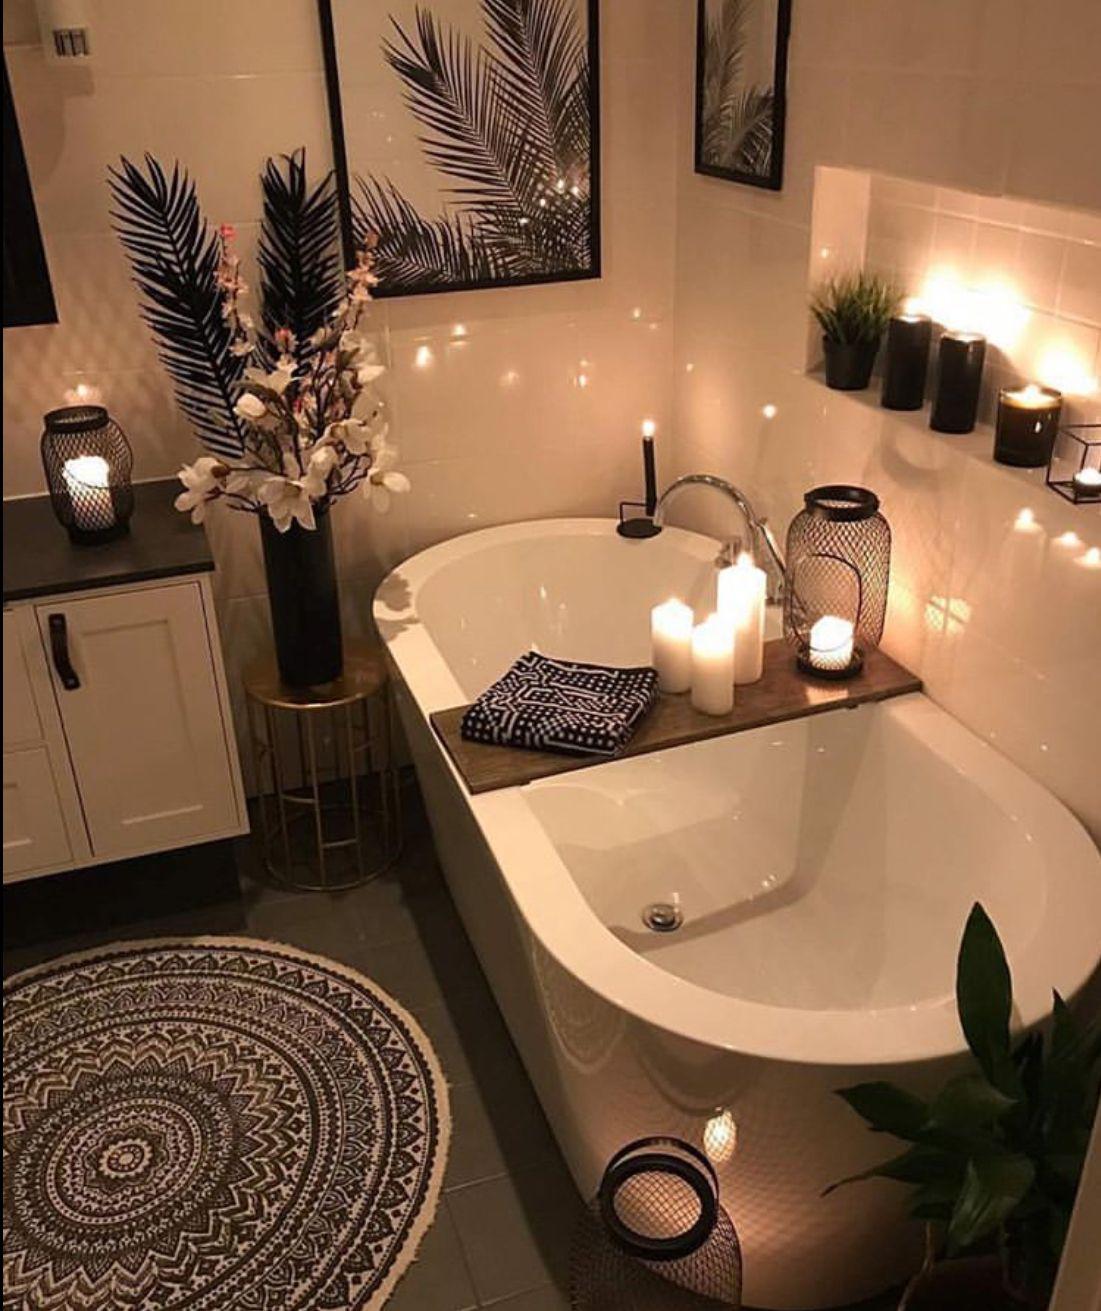 Pin By Jordan Volentir On Dream Home Cozy Bathroom Bathtub